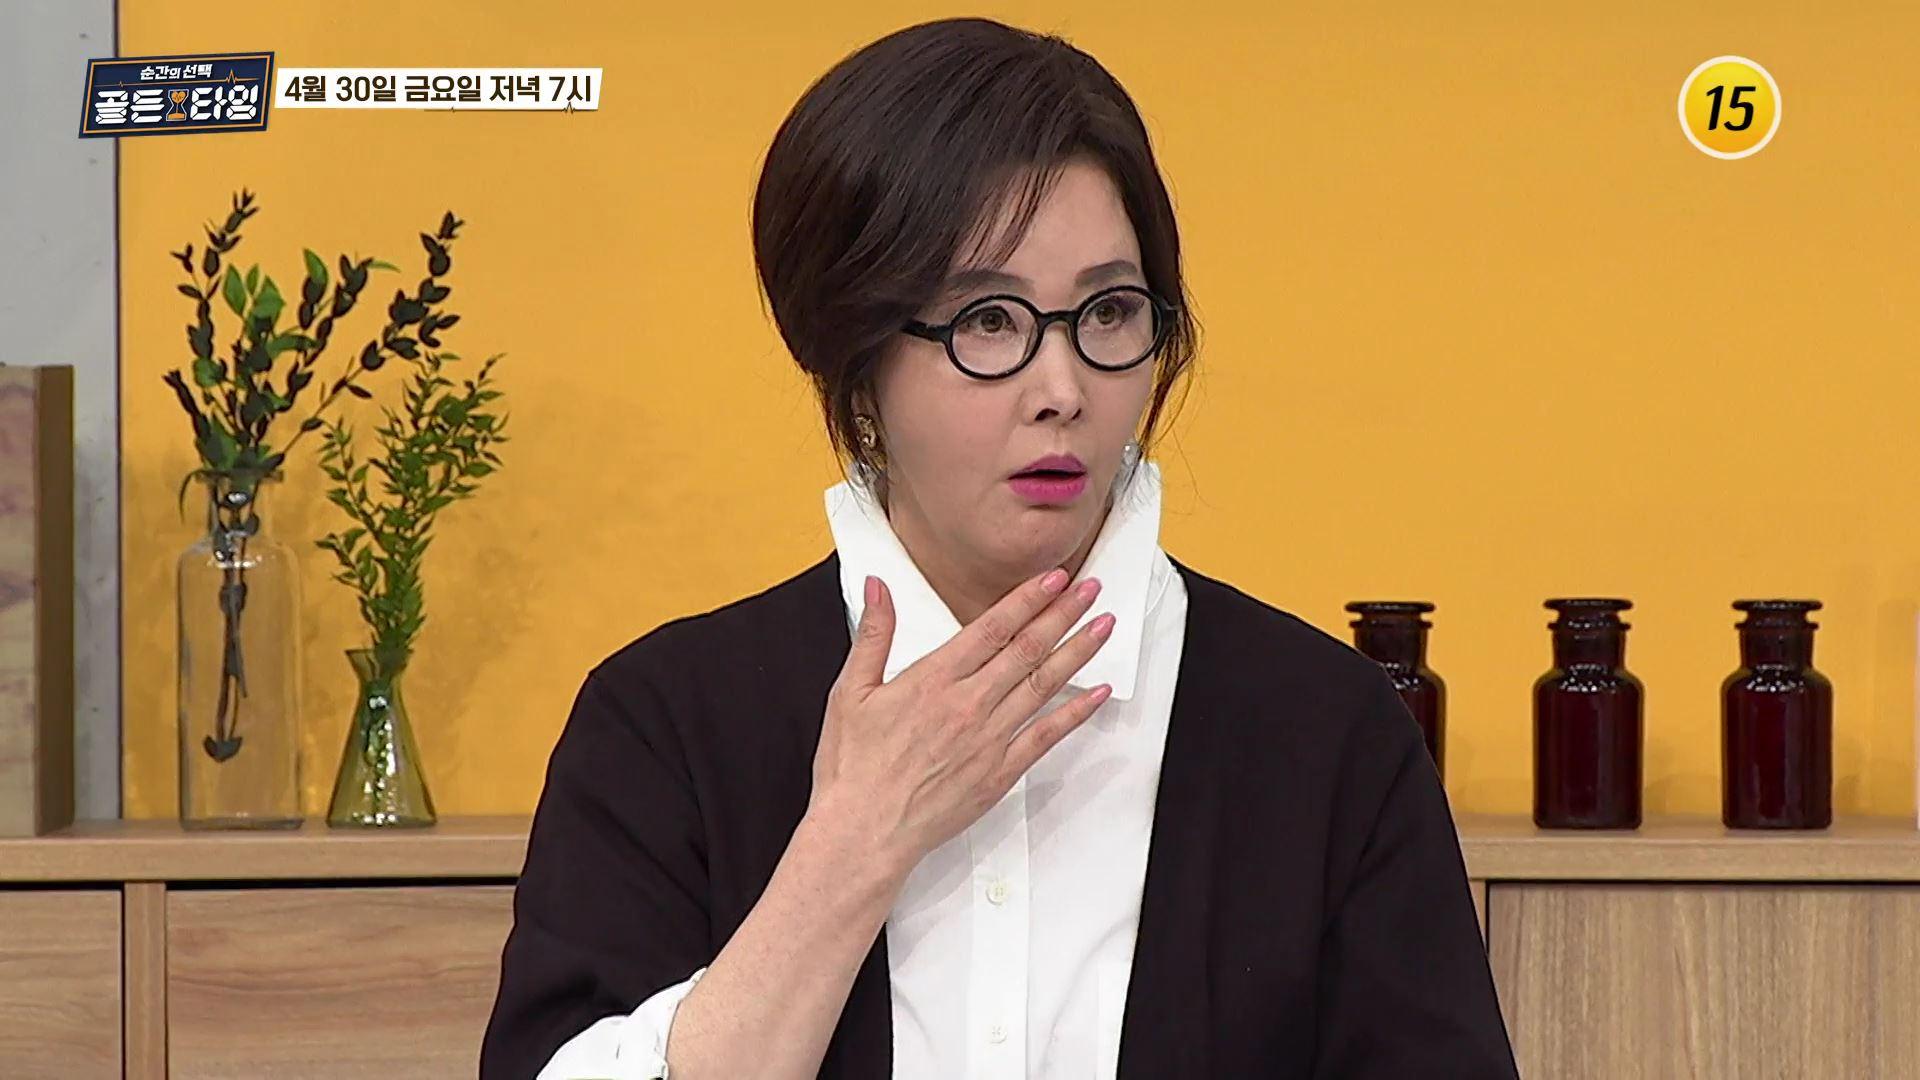 카리스마 넘치는 그녀가 떤 이유는?_순간의 선택 골든타임 13회 예고 TV CHOSUN 210430 방송 이미지